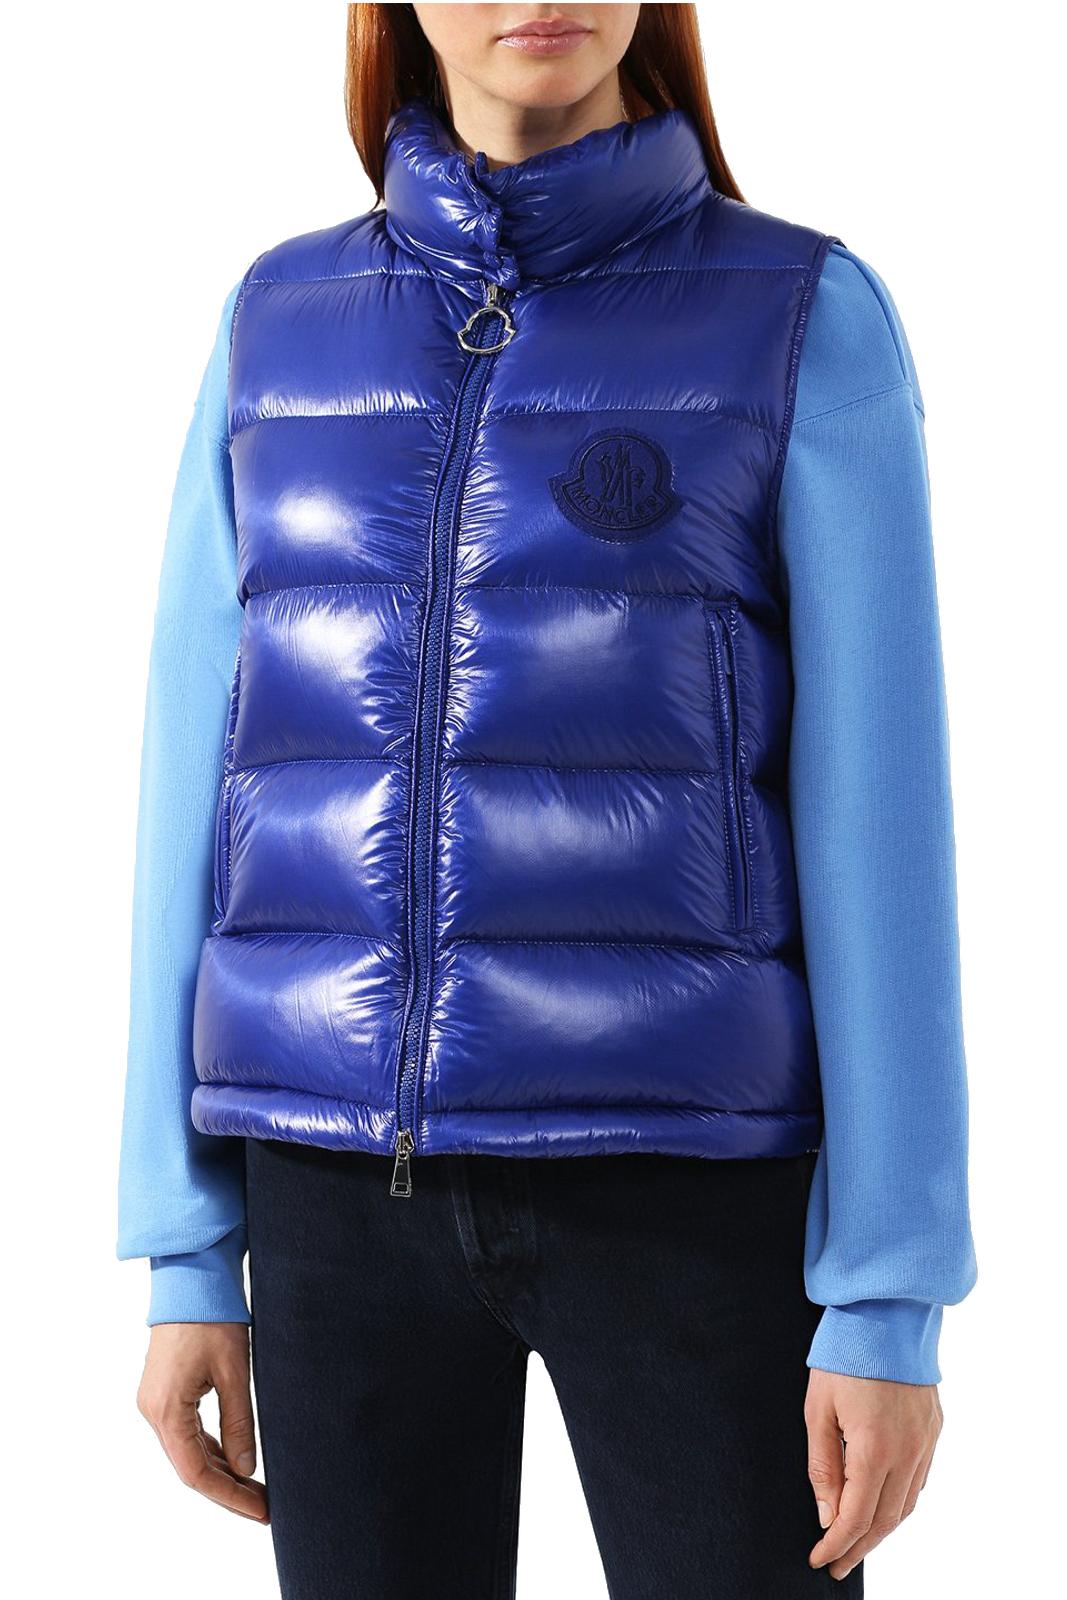 Un gilet chic e iconico, il modello HELSINKI di Moncler. Perfetto per outfit moderni e di tendenza, da abbinare con maglioni o bluse, per look versatili e alla moda.